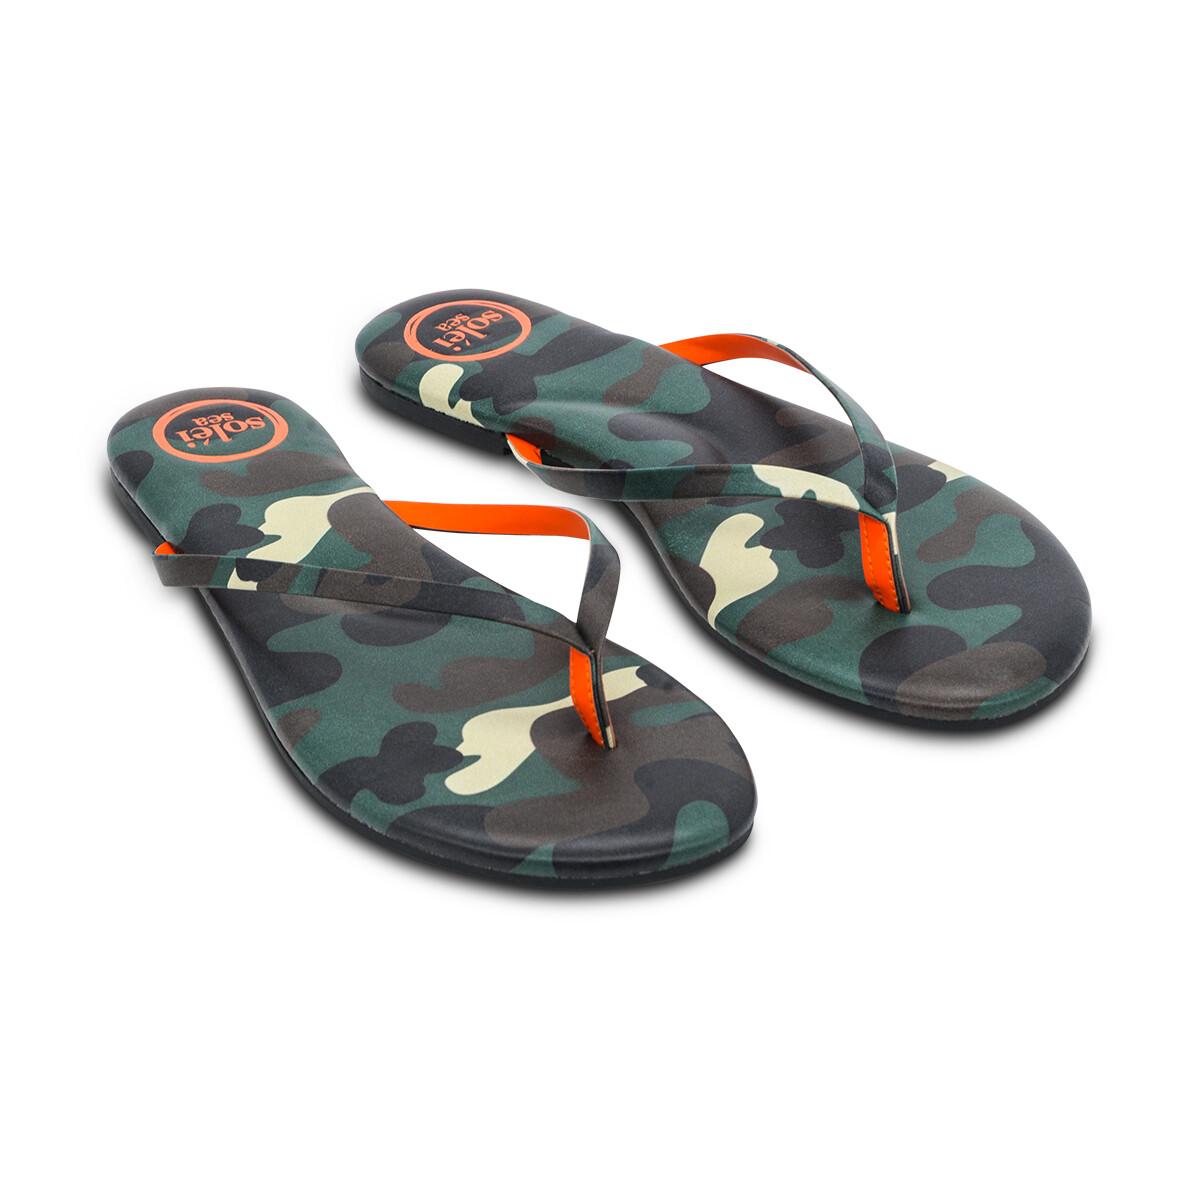 Solei Sea, Flip Flops, Green/Camo